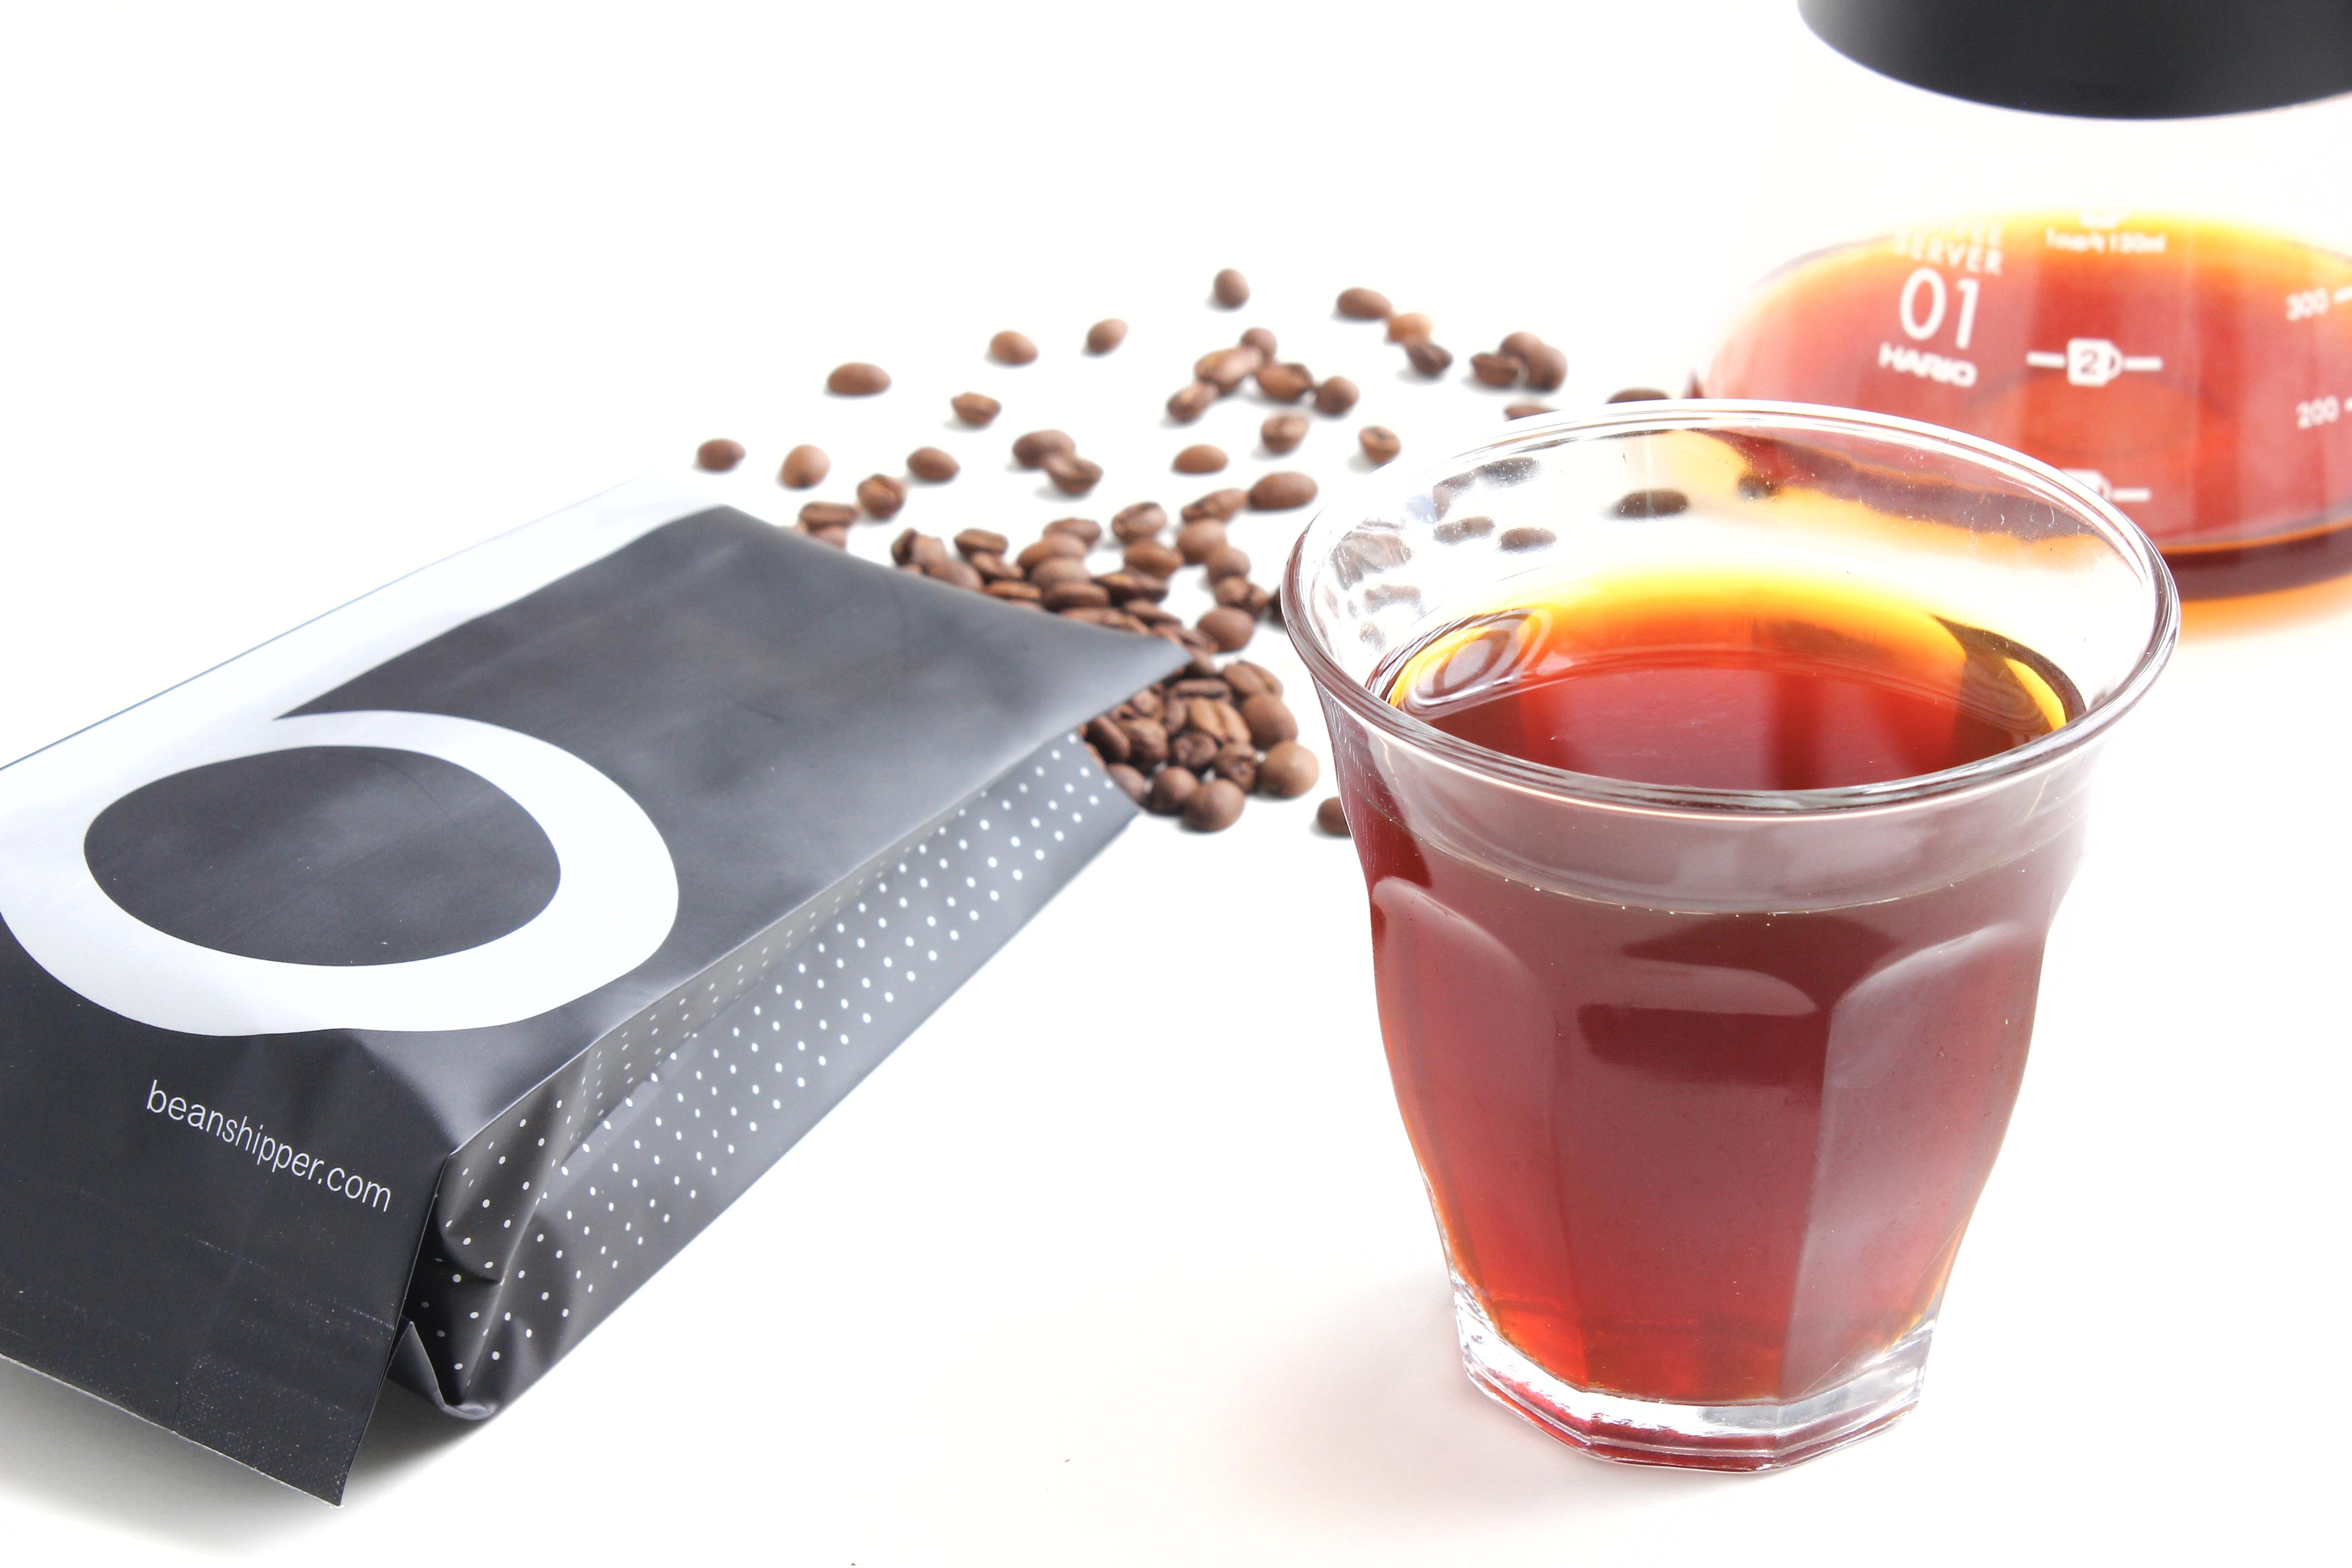 Bean Shipper coffee bean subscription